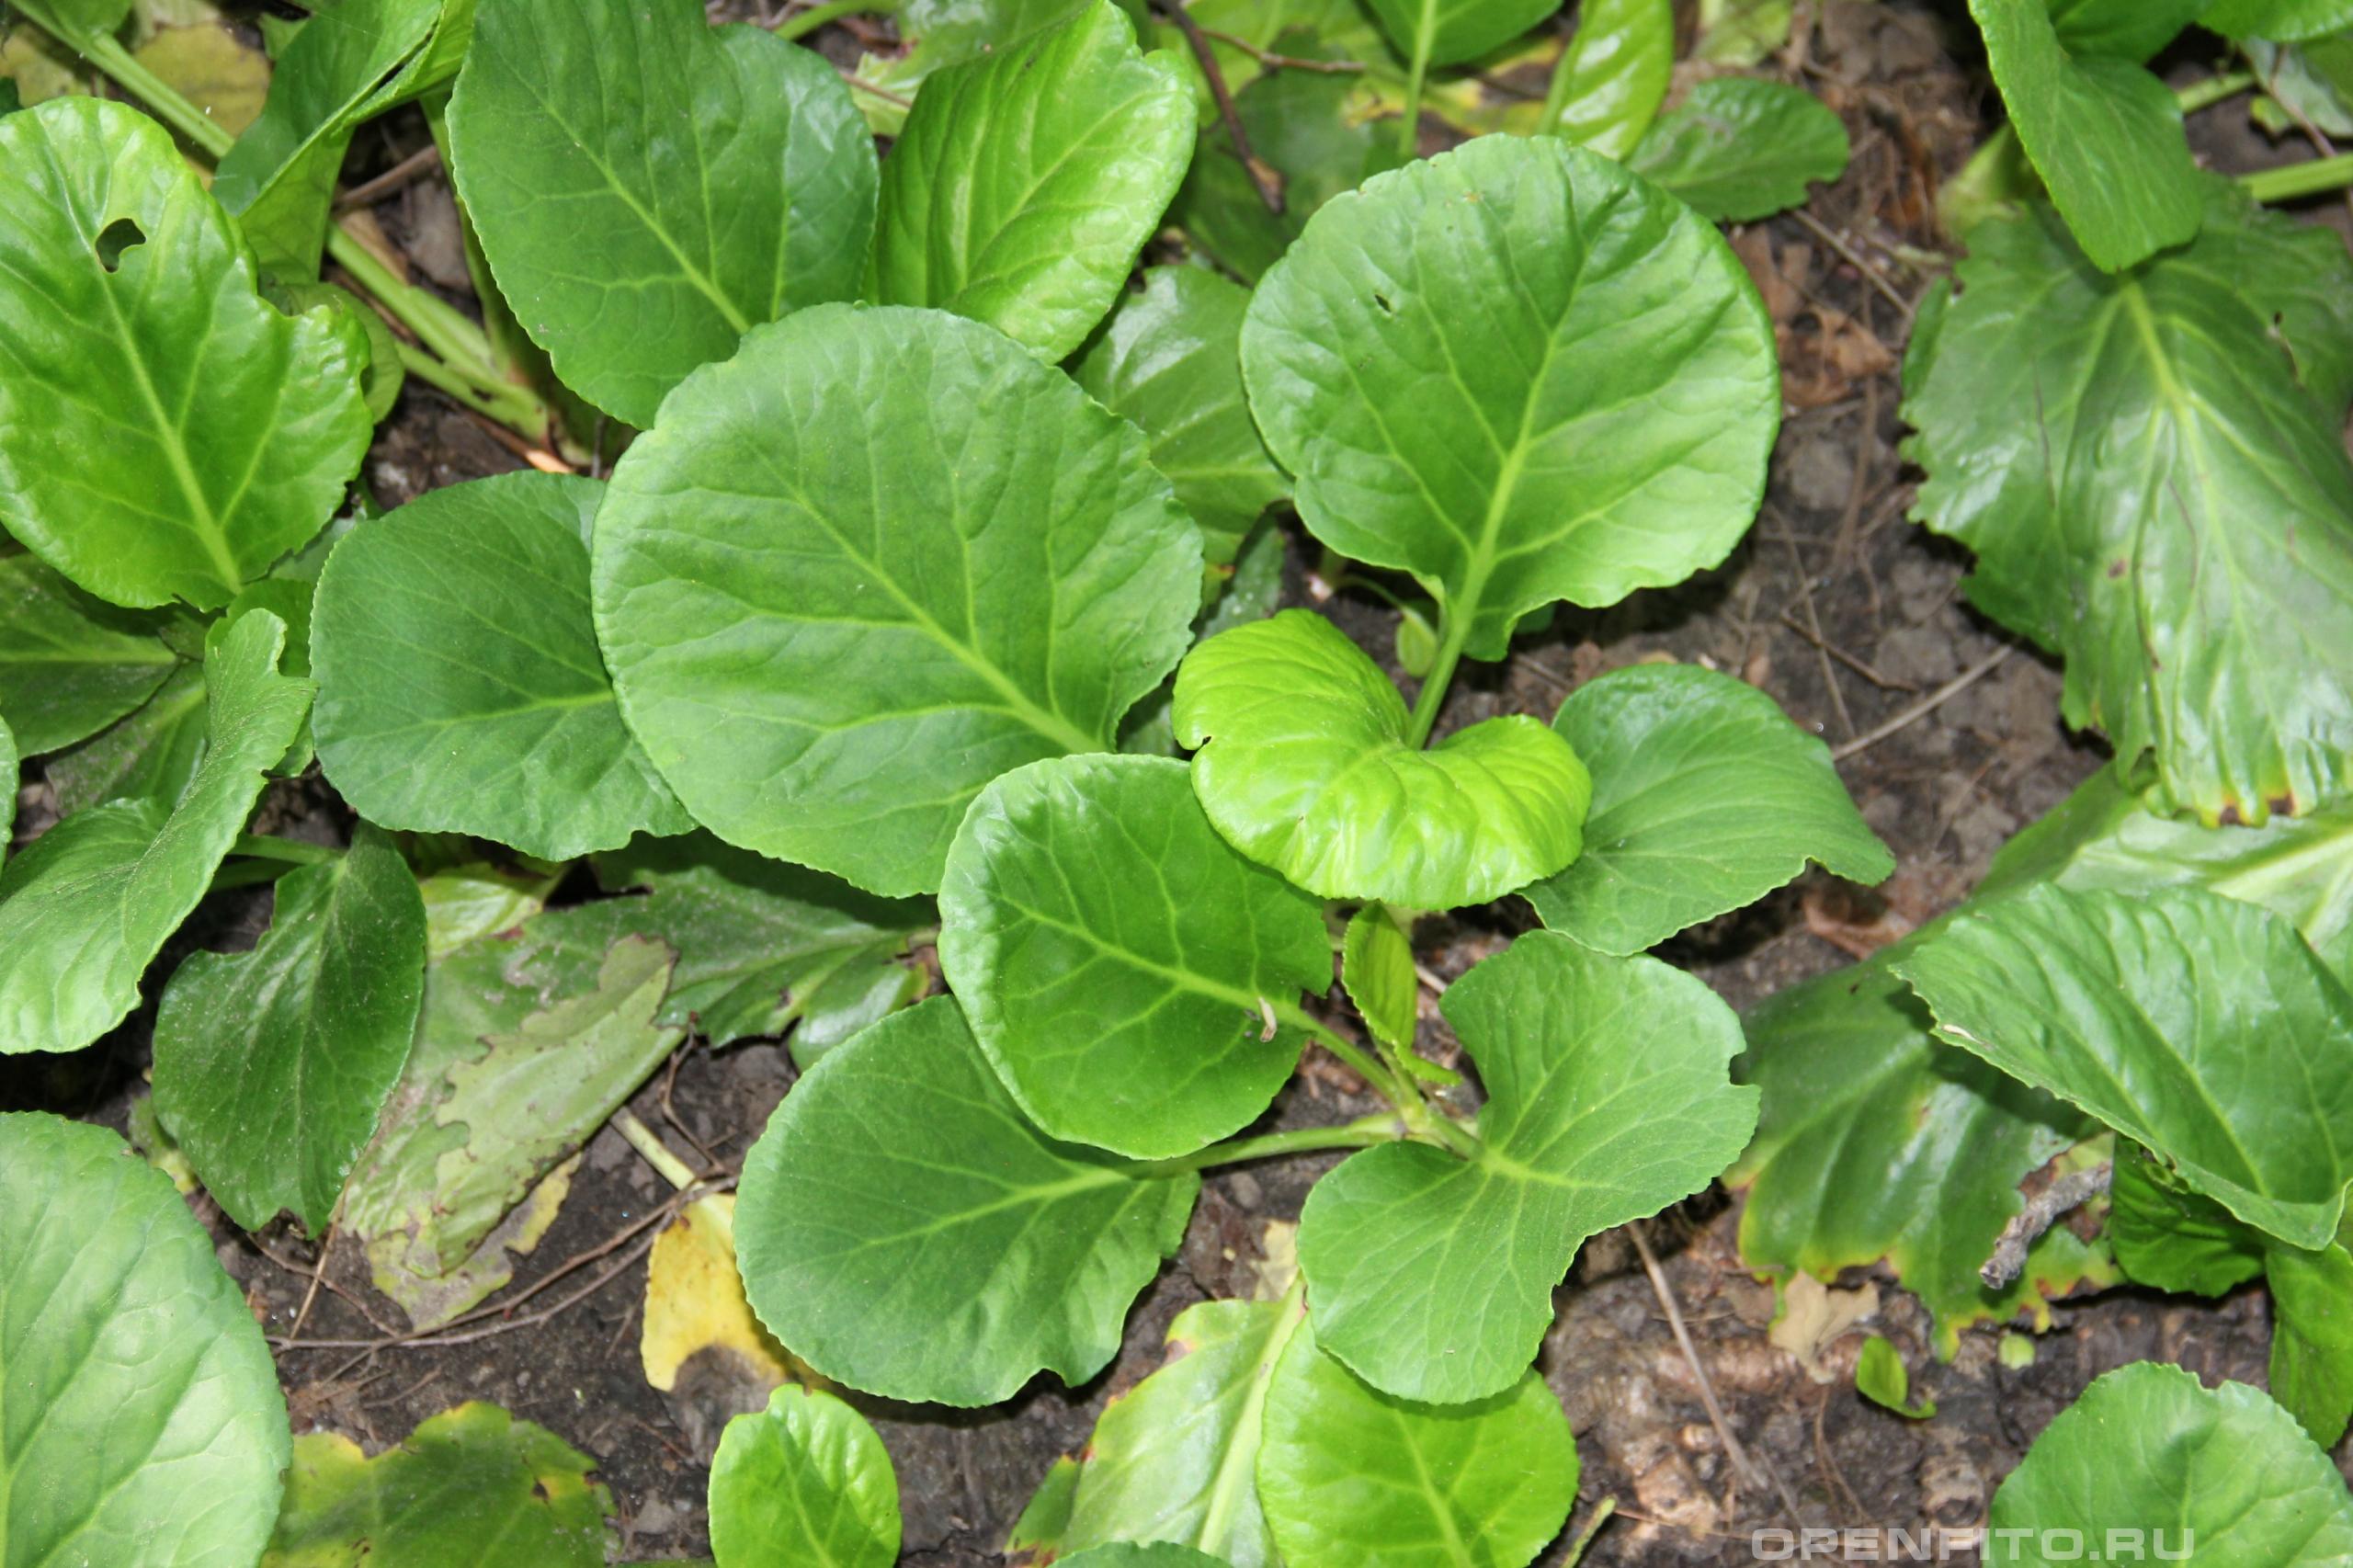 Бадан толстолистный листья растения